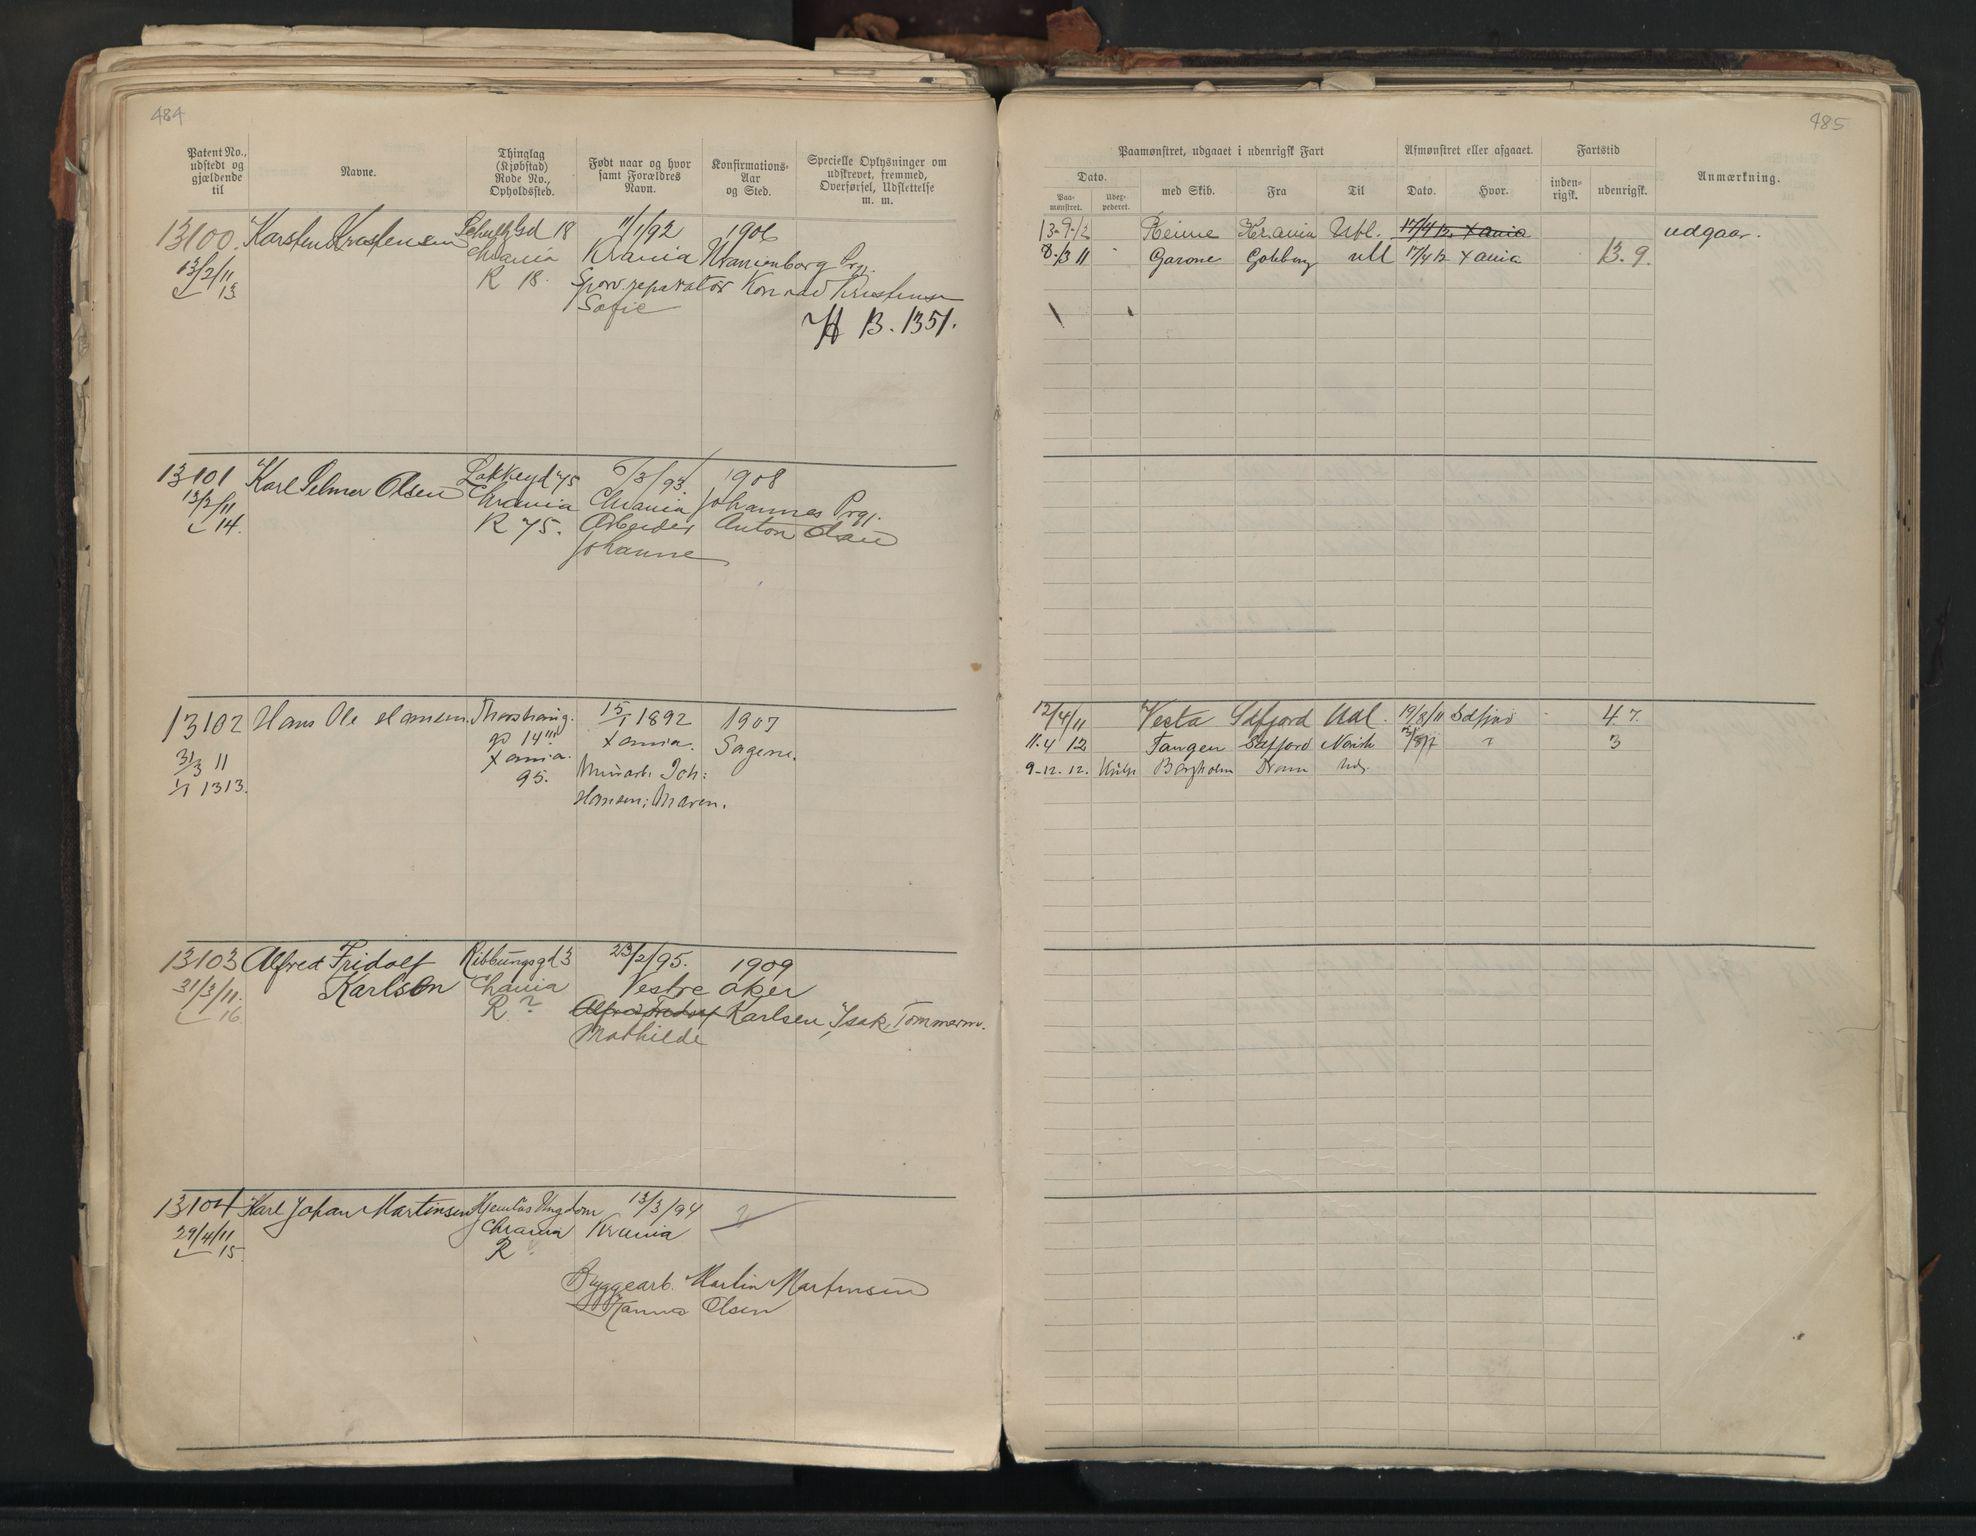 SAO, Oslo sjømannskontor, F/Fb/L0001: Annotasjonsrulle, 1908-1938, s. 484-485